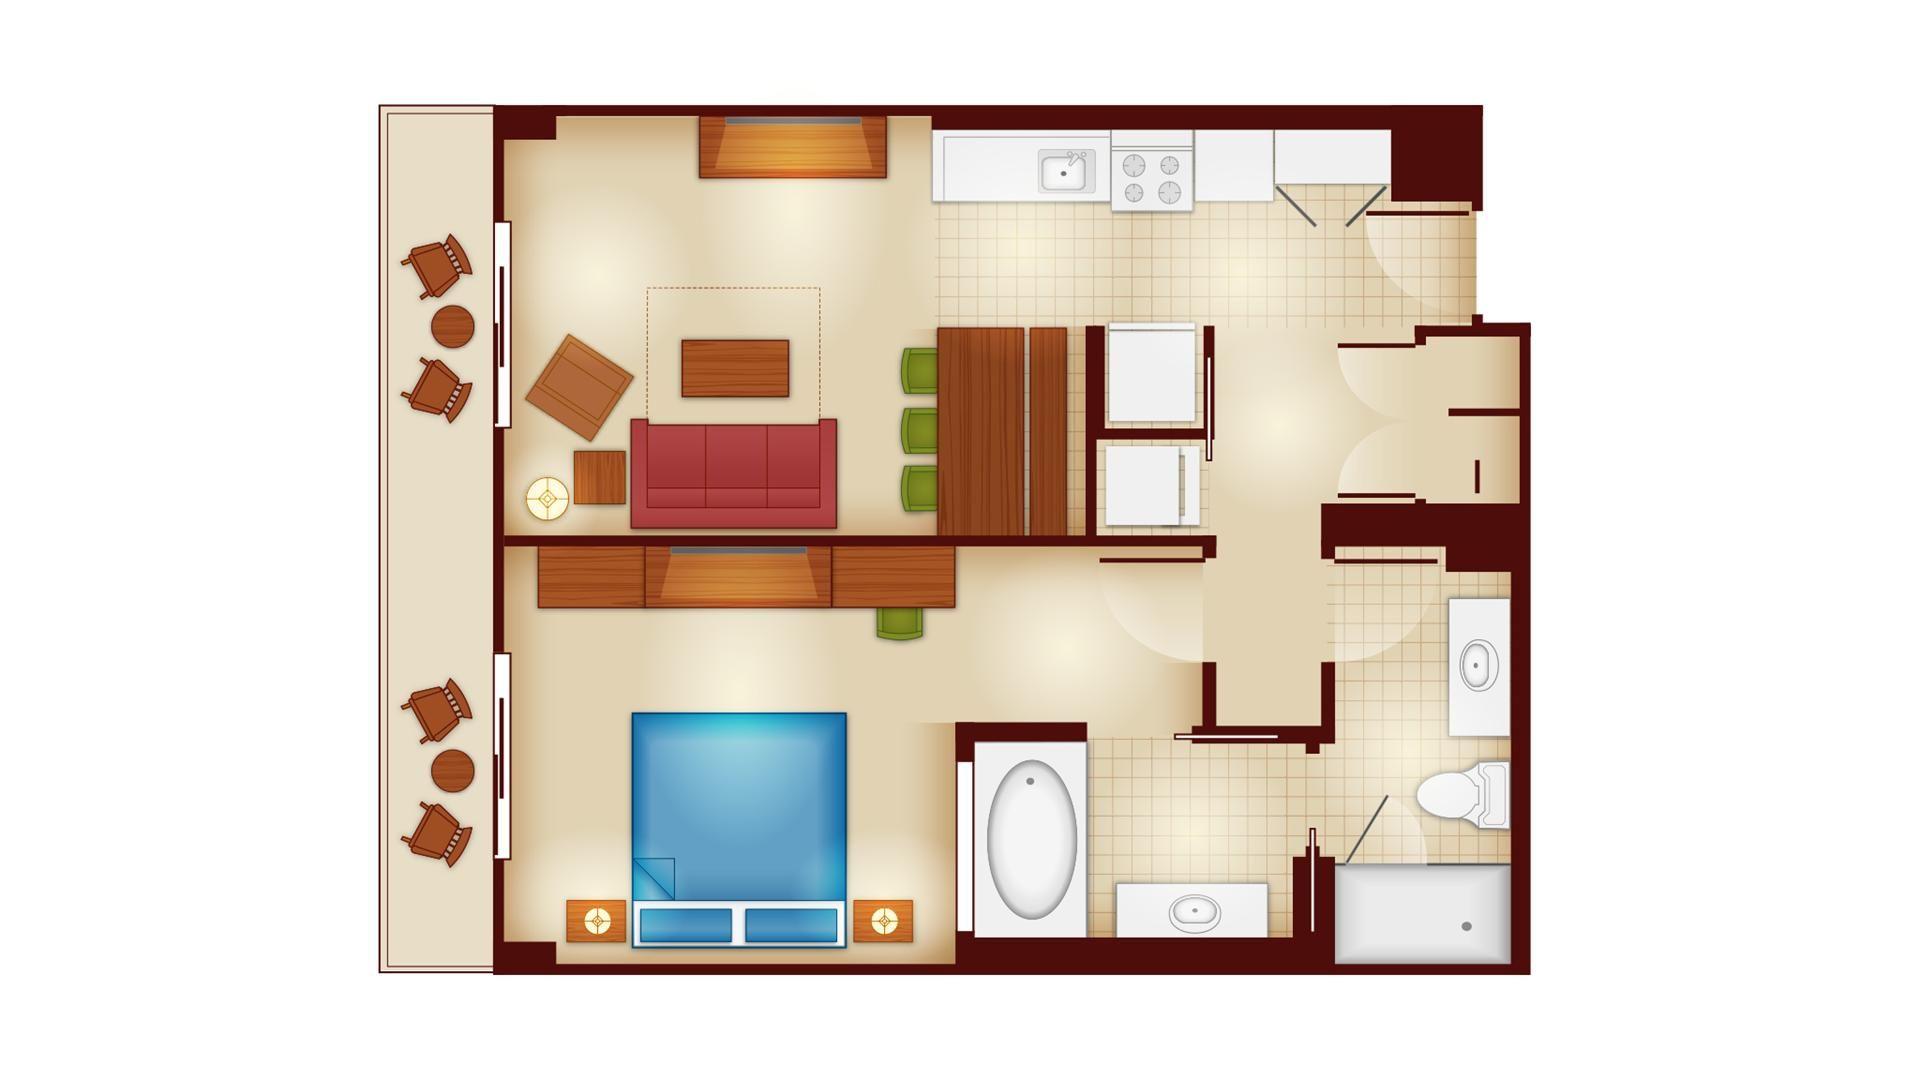 Copper Creek Villas and Cabins - 9 Bedroom Villa floor plan